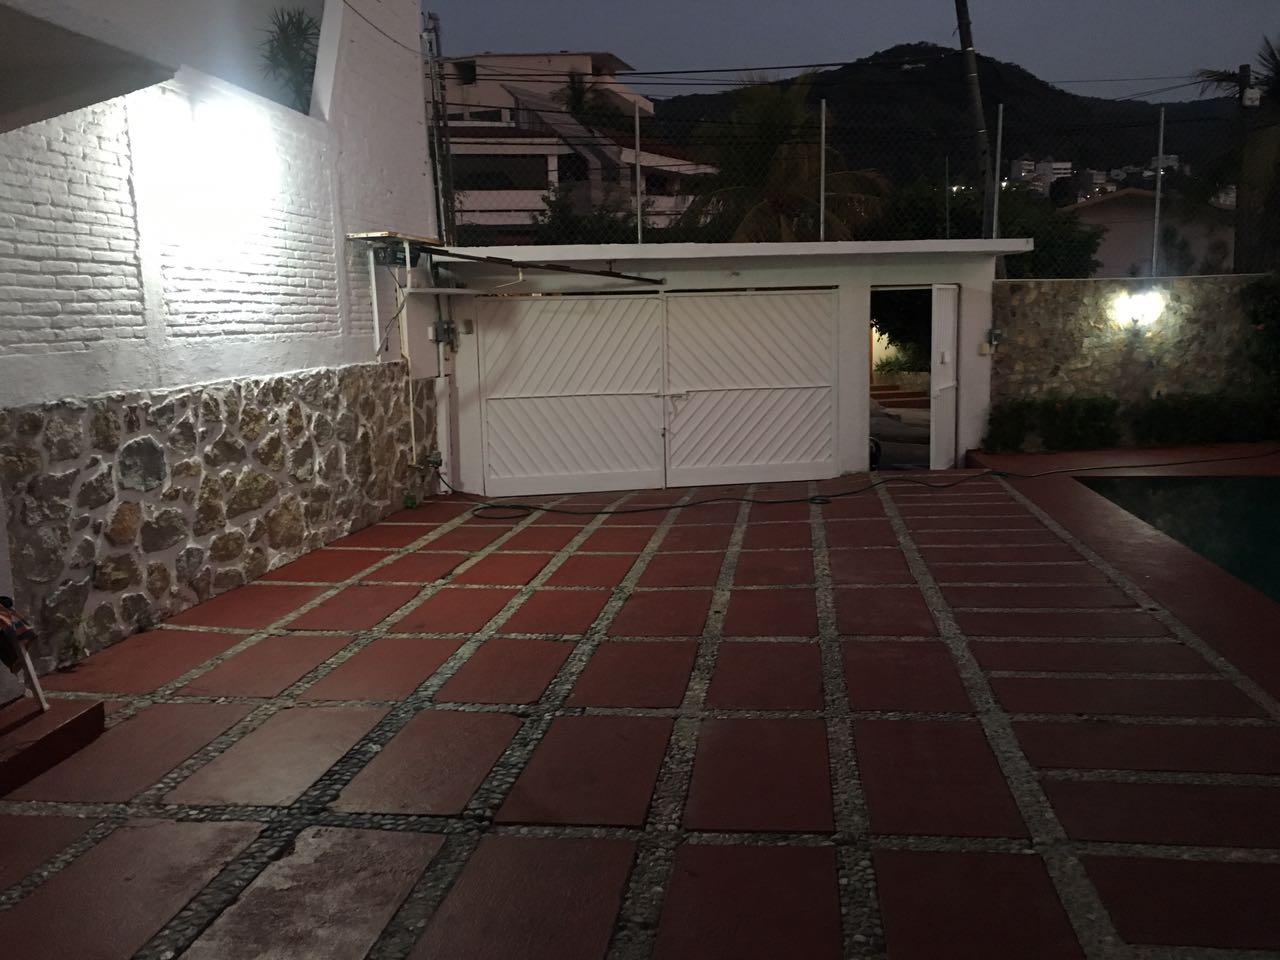 Renta de casa por noche  para 20 personas en Costa Azul